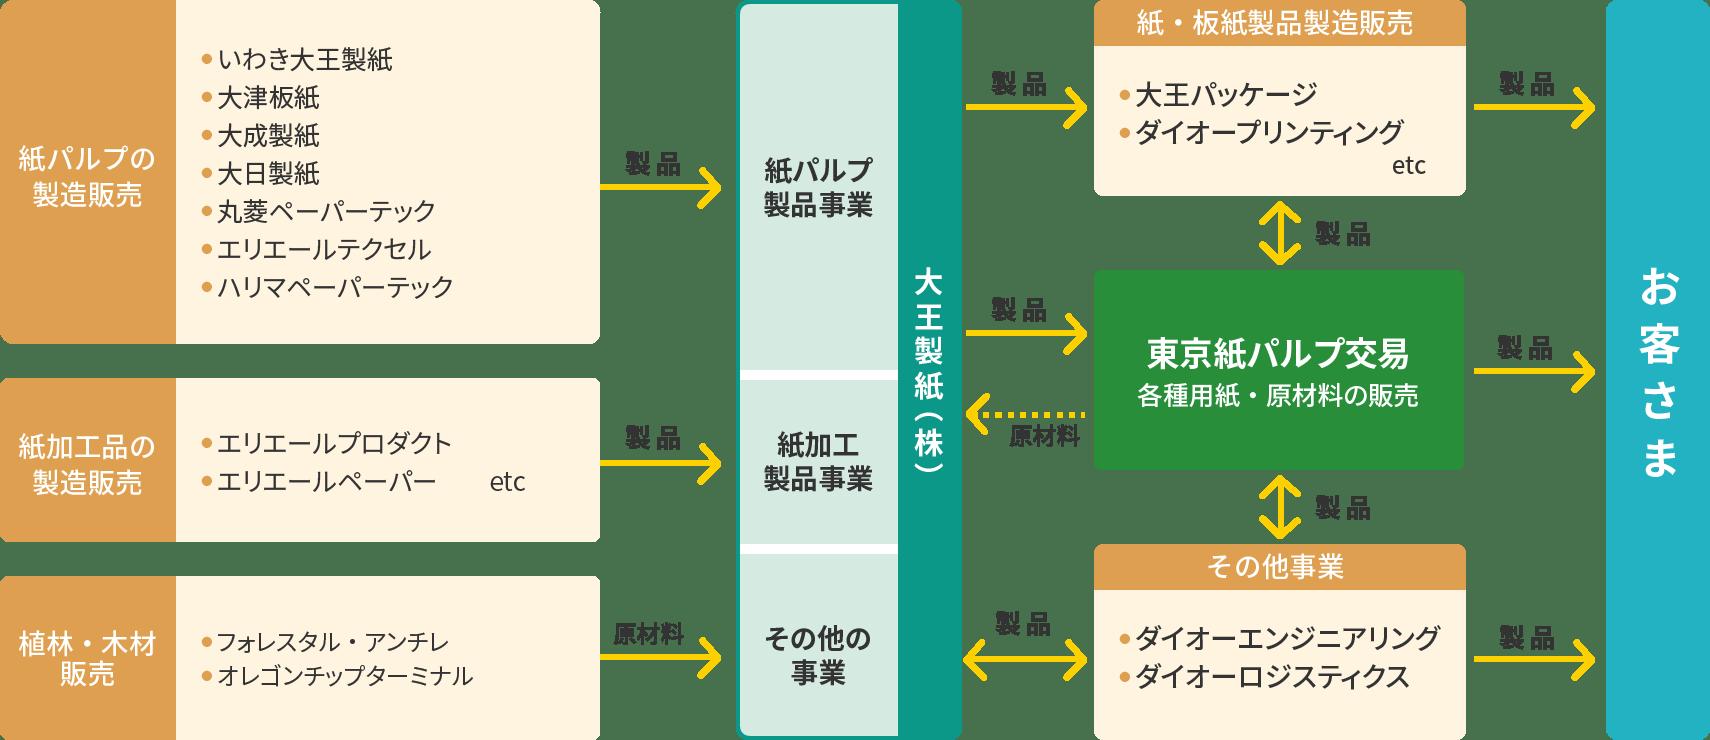 大王製紙グループネットワーク